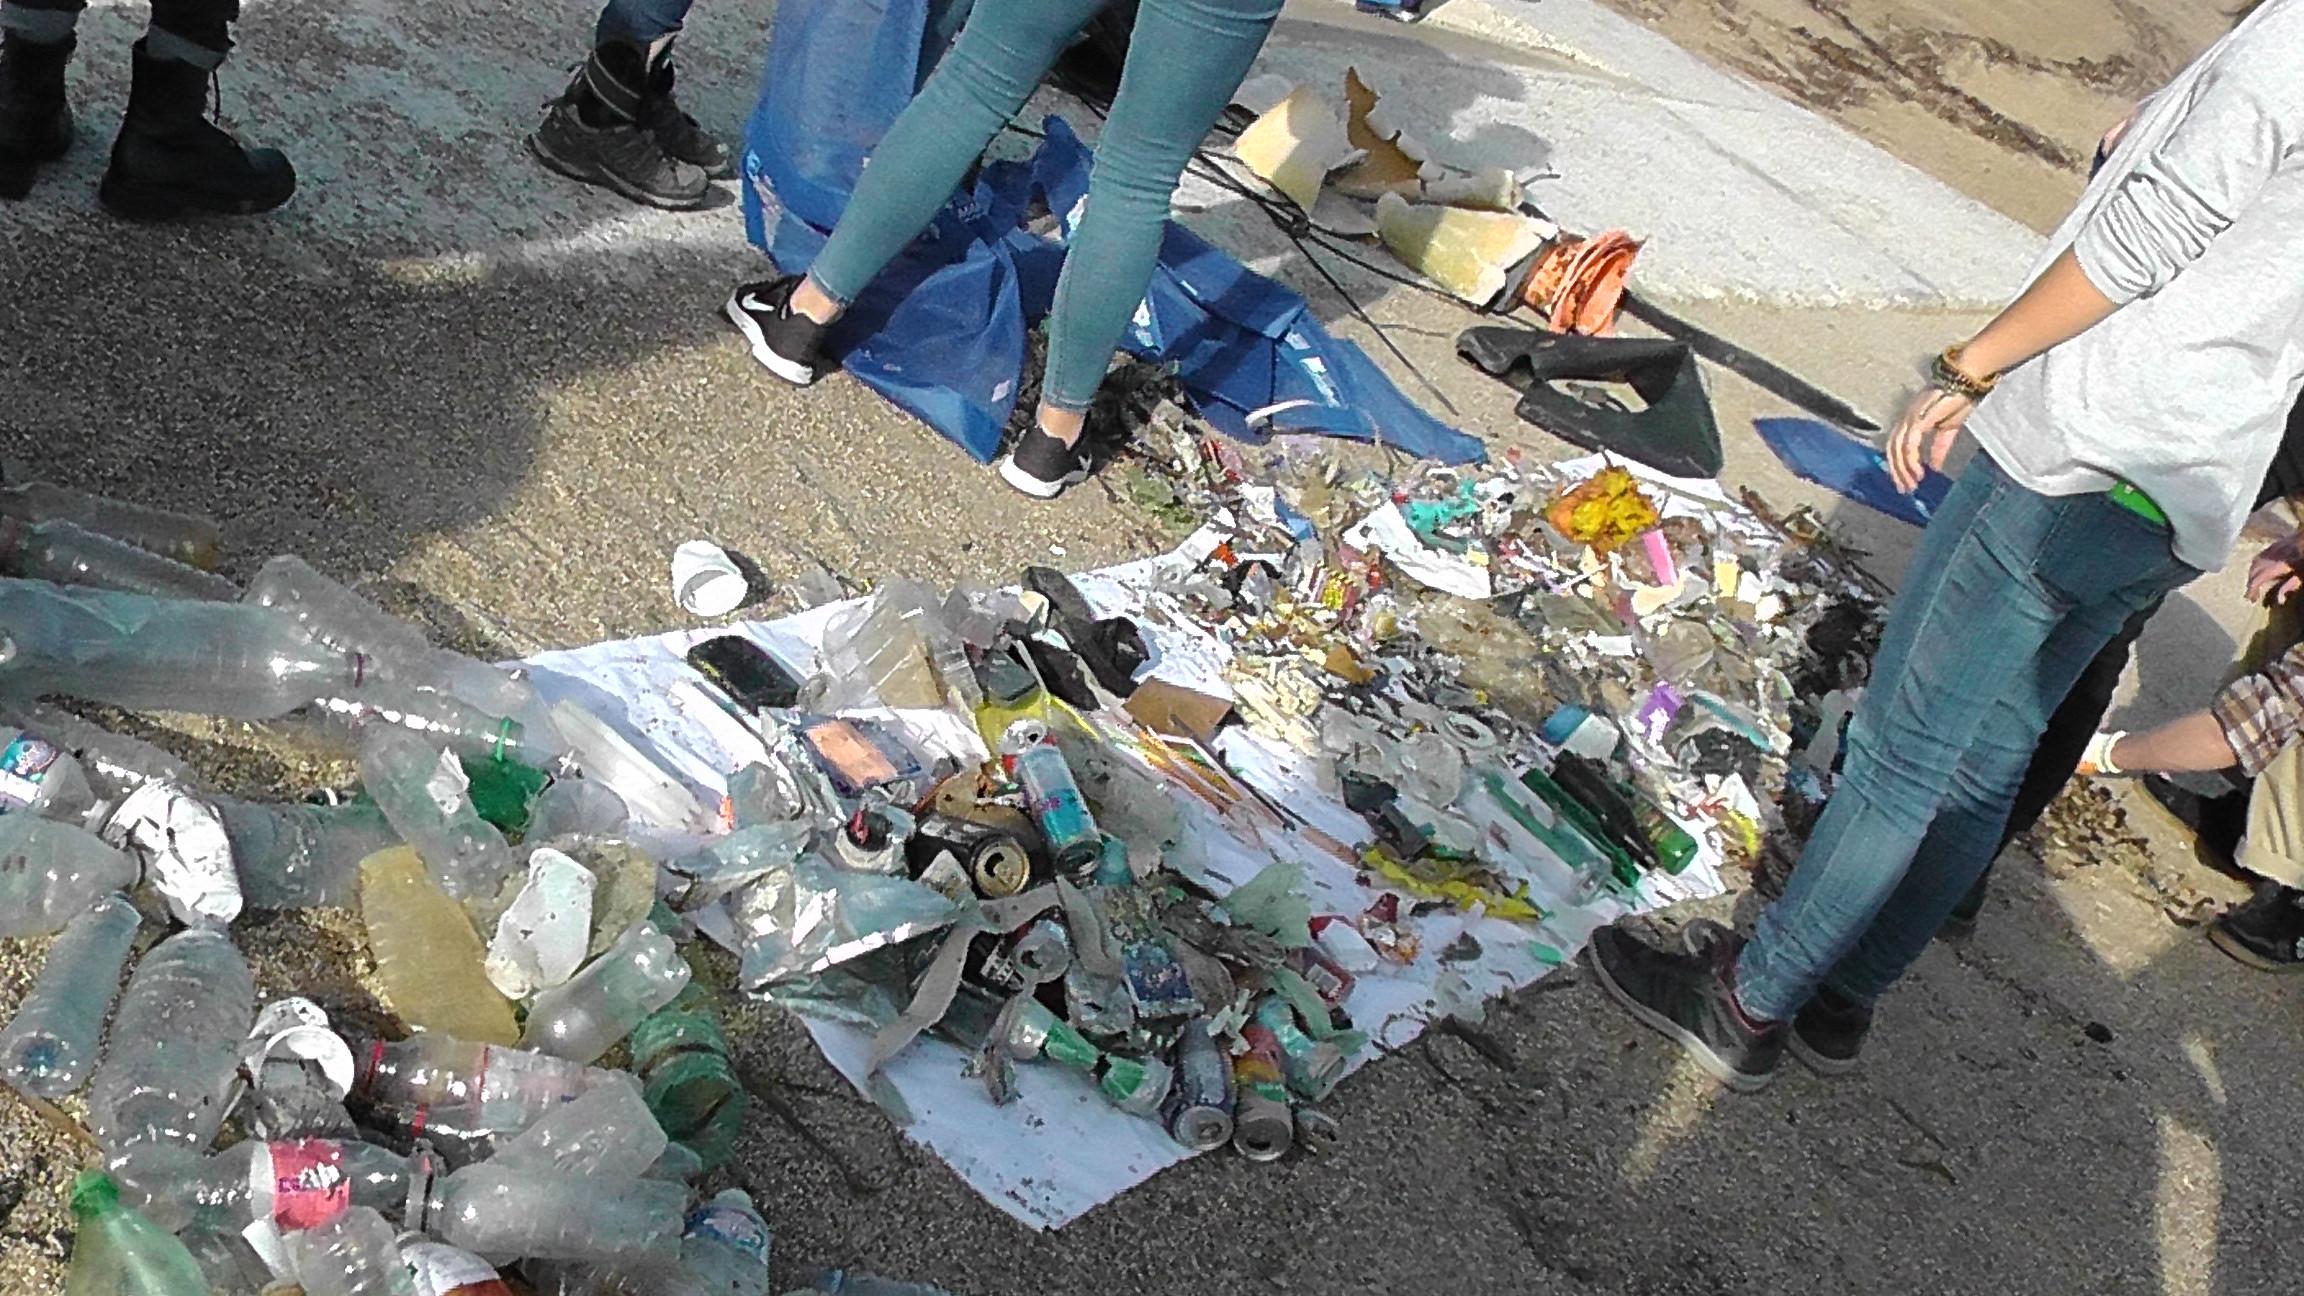 Les déchets, une question d'éducation